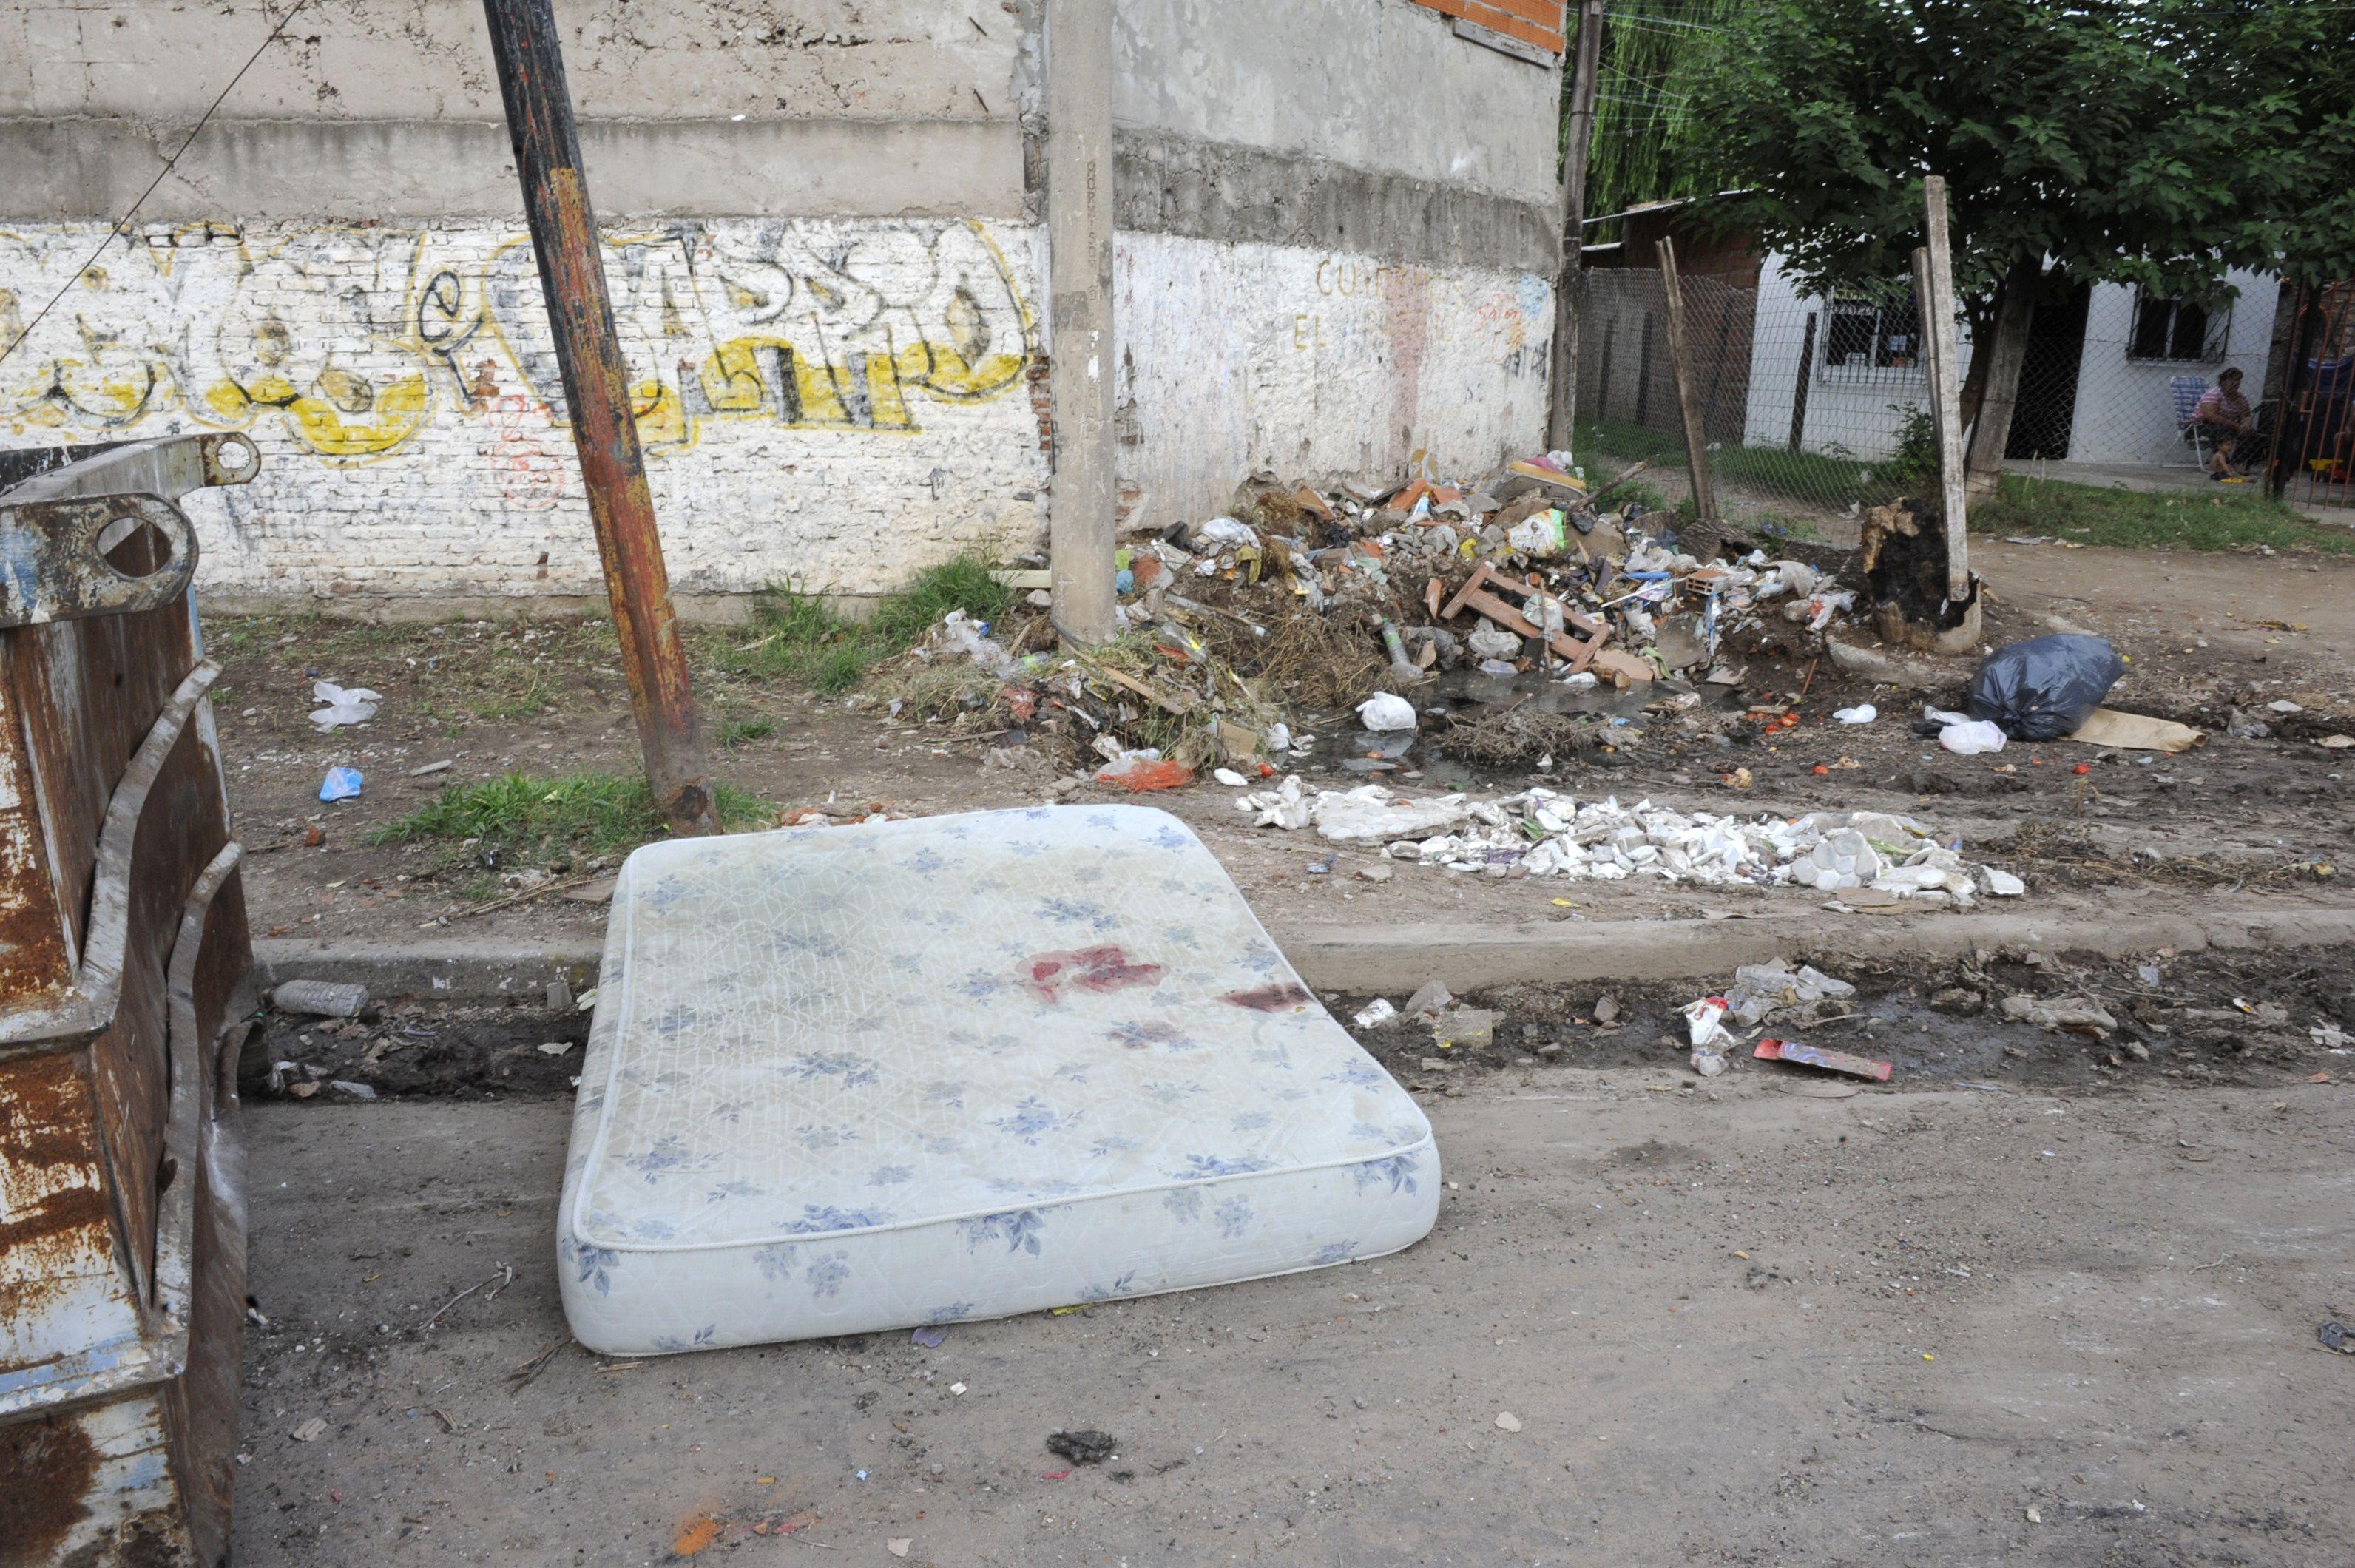 Marcos cayó malherido en la cama de una casilla en la que intentó guarecerse de quienes lo perseguían. (Foto: Bustamante)